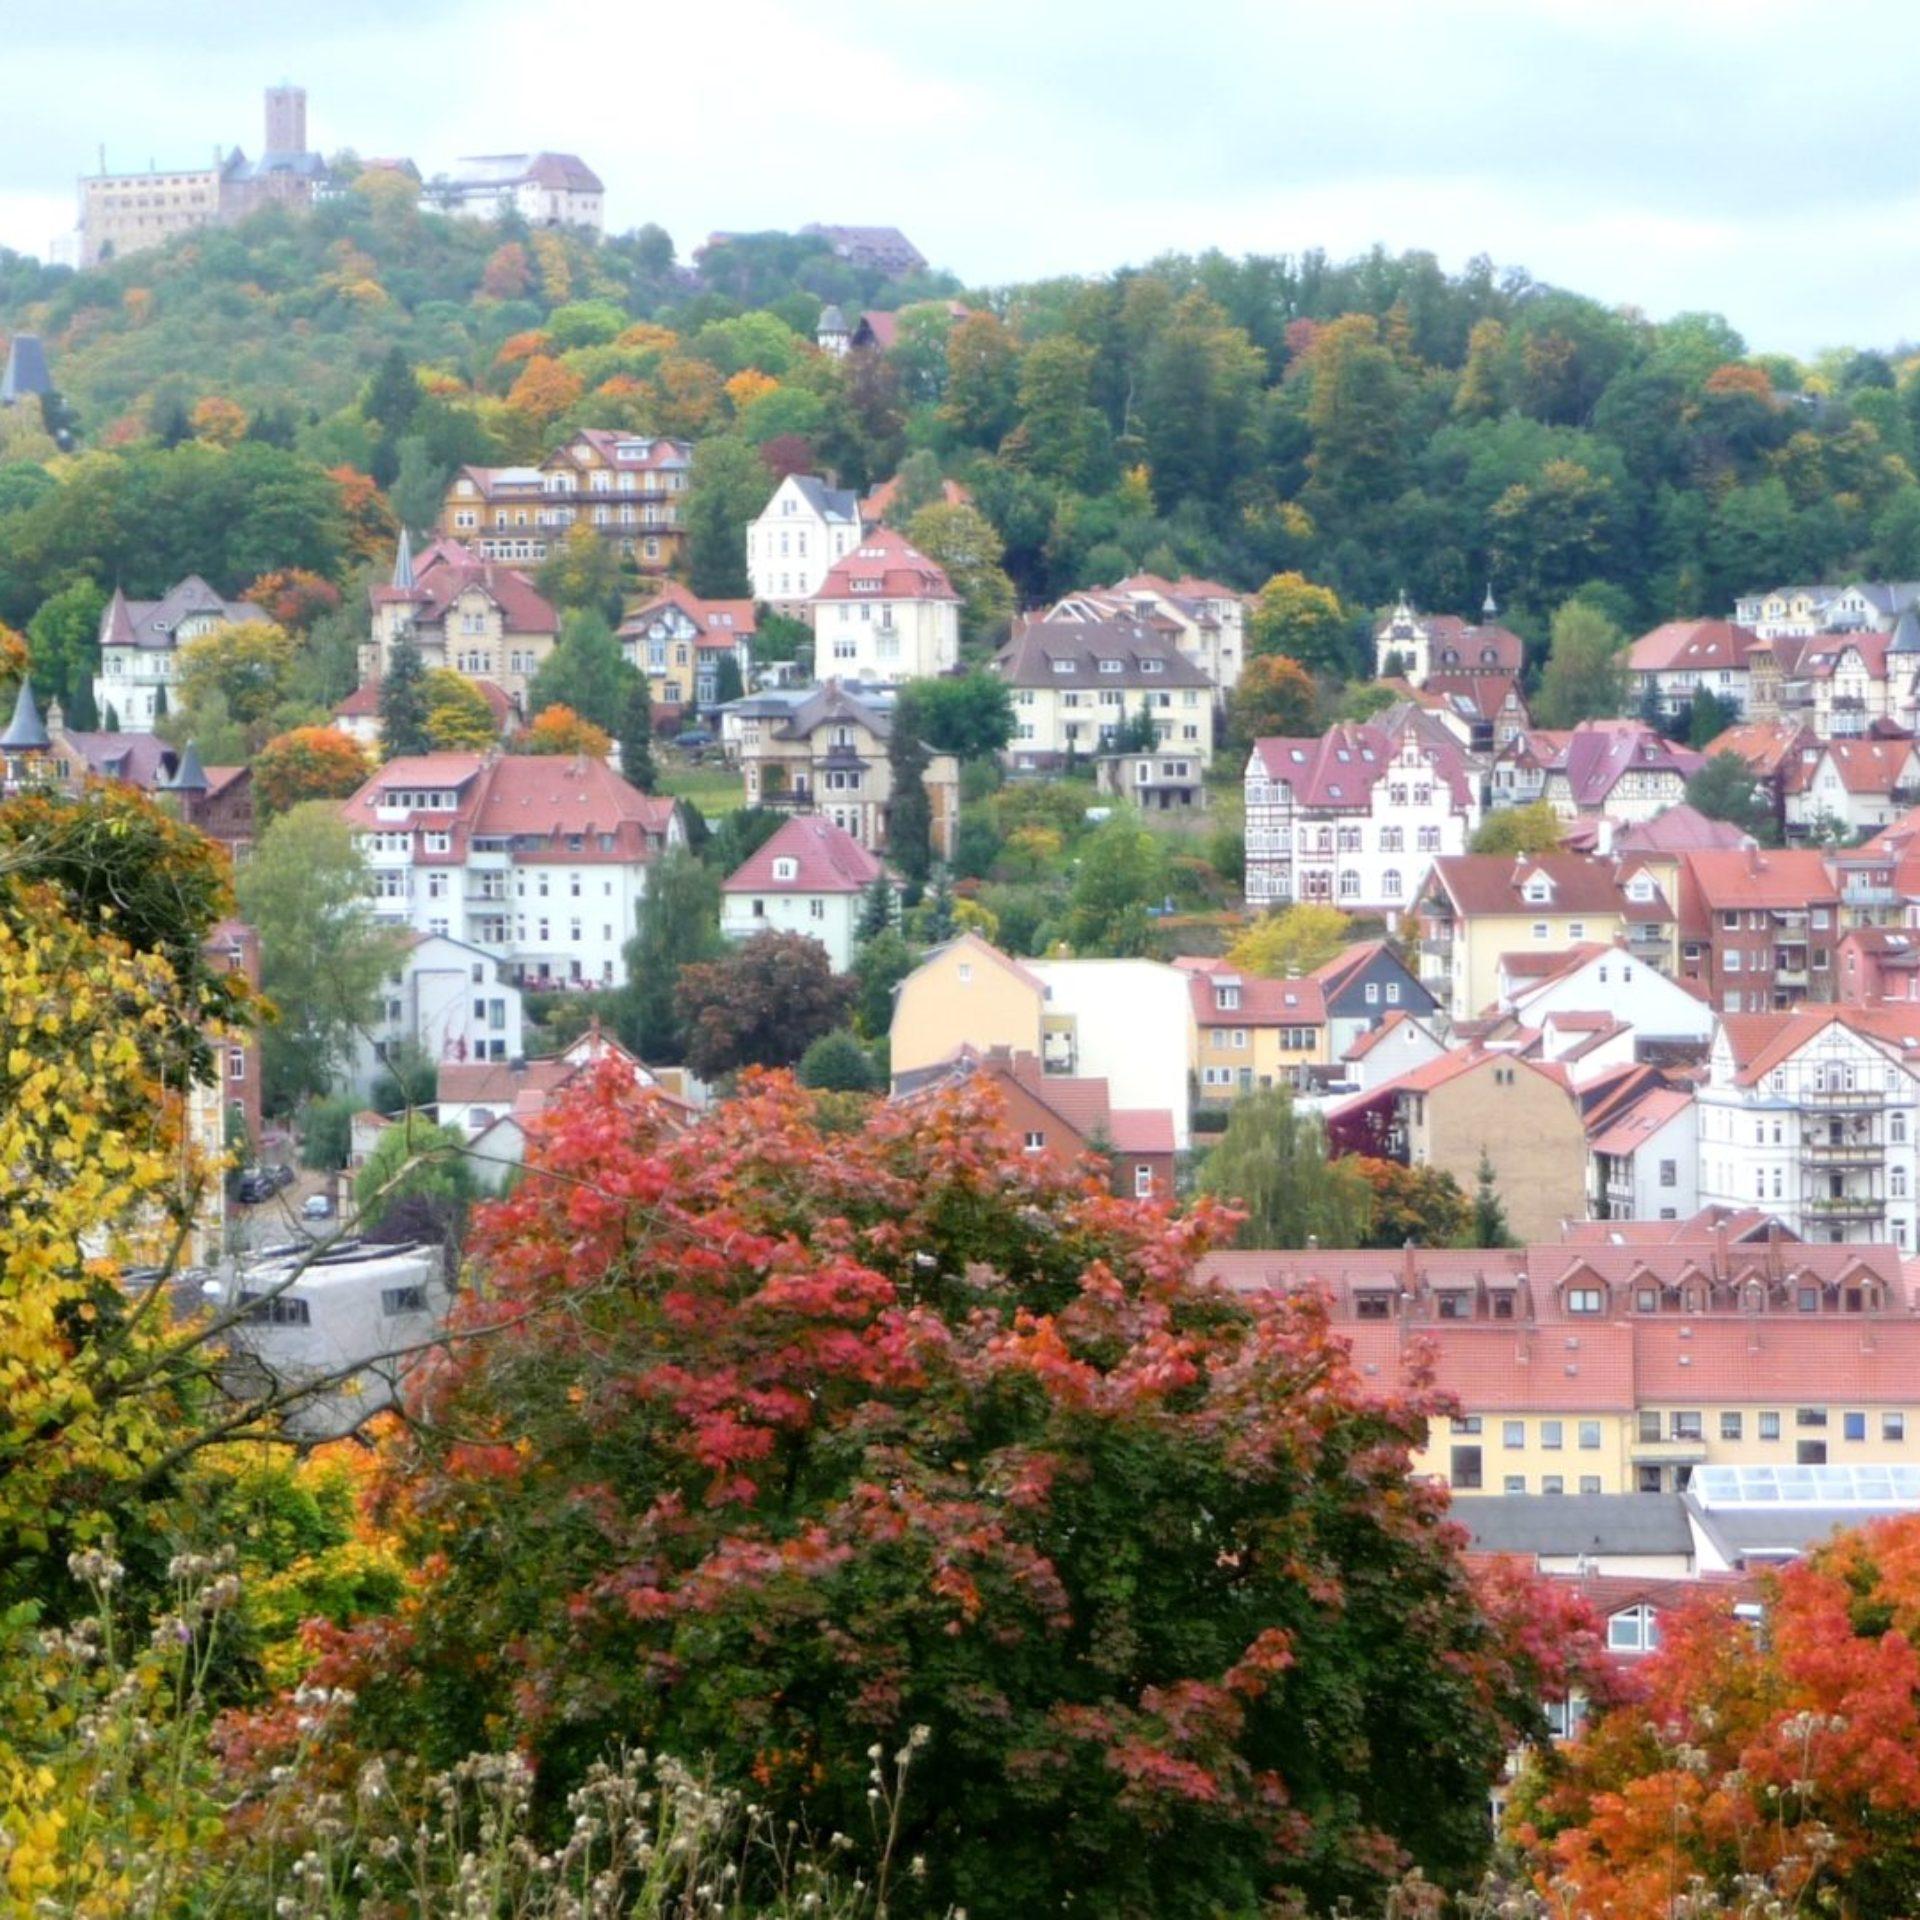 Stadtansicht Eisenach, Villenviertel